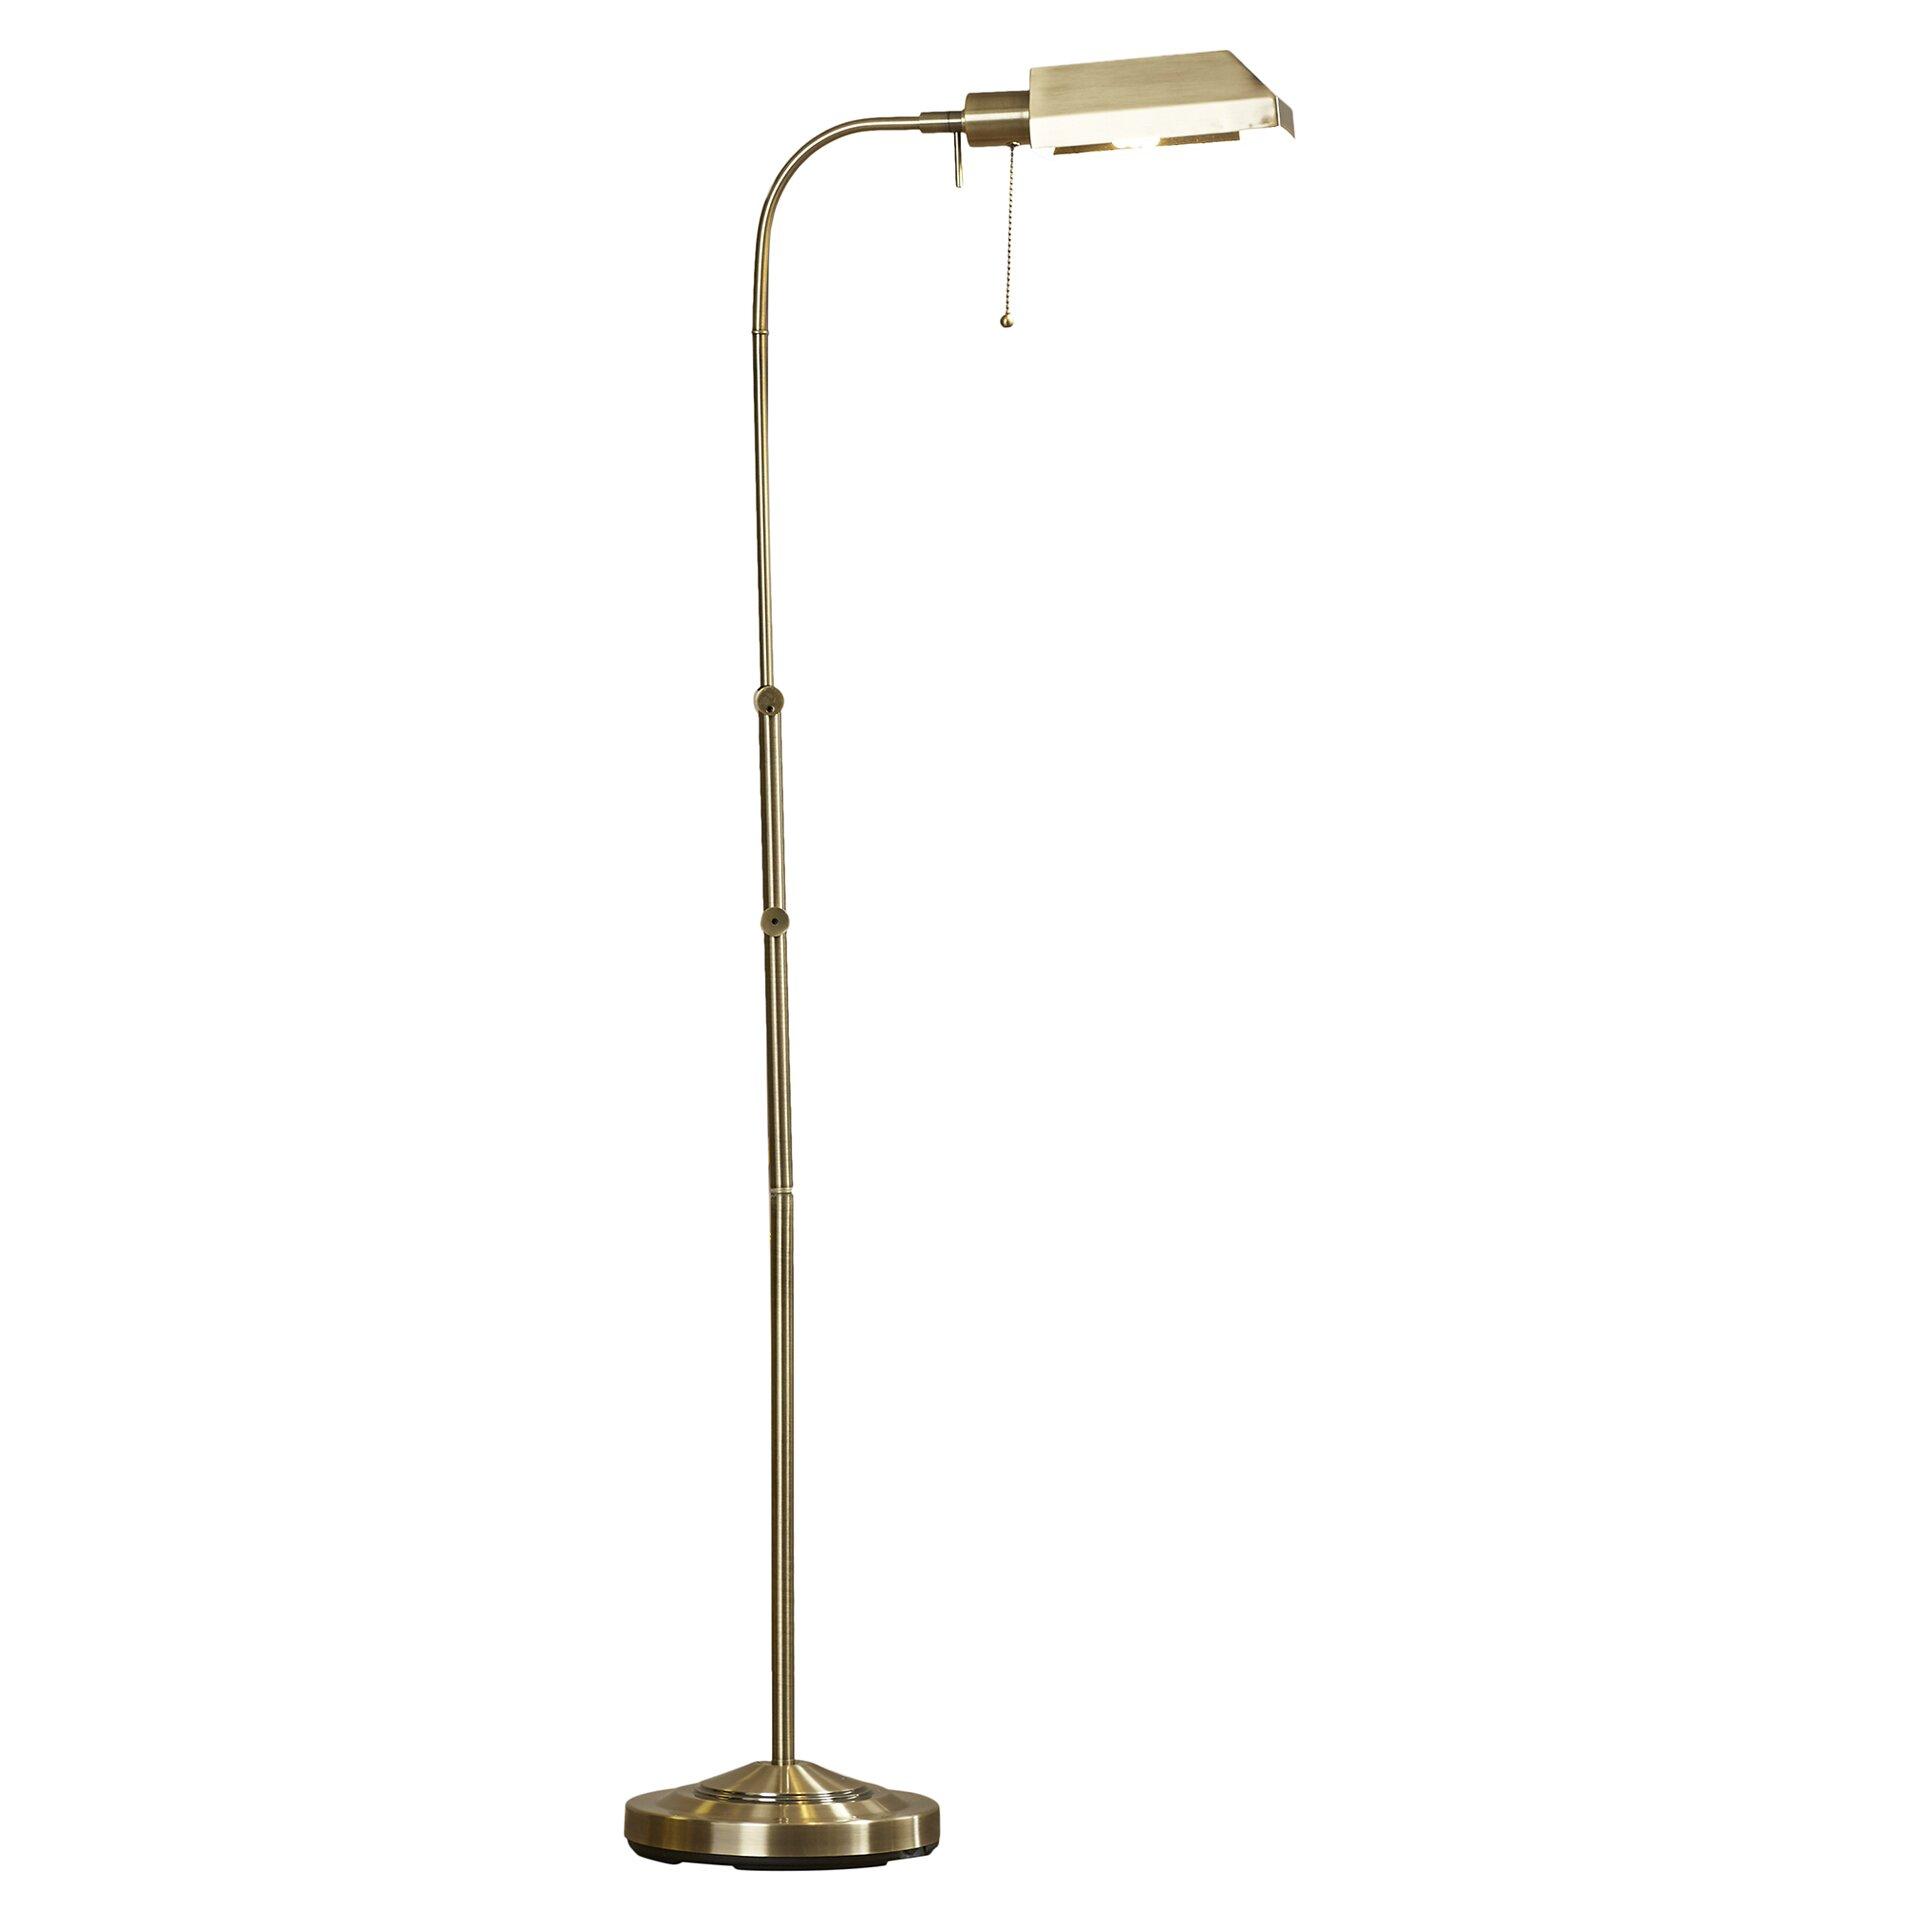 Alcott hill sterling utility 59quot led task floor lamp for B spline led floor lamp